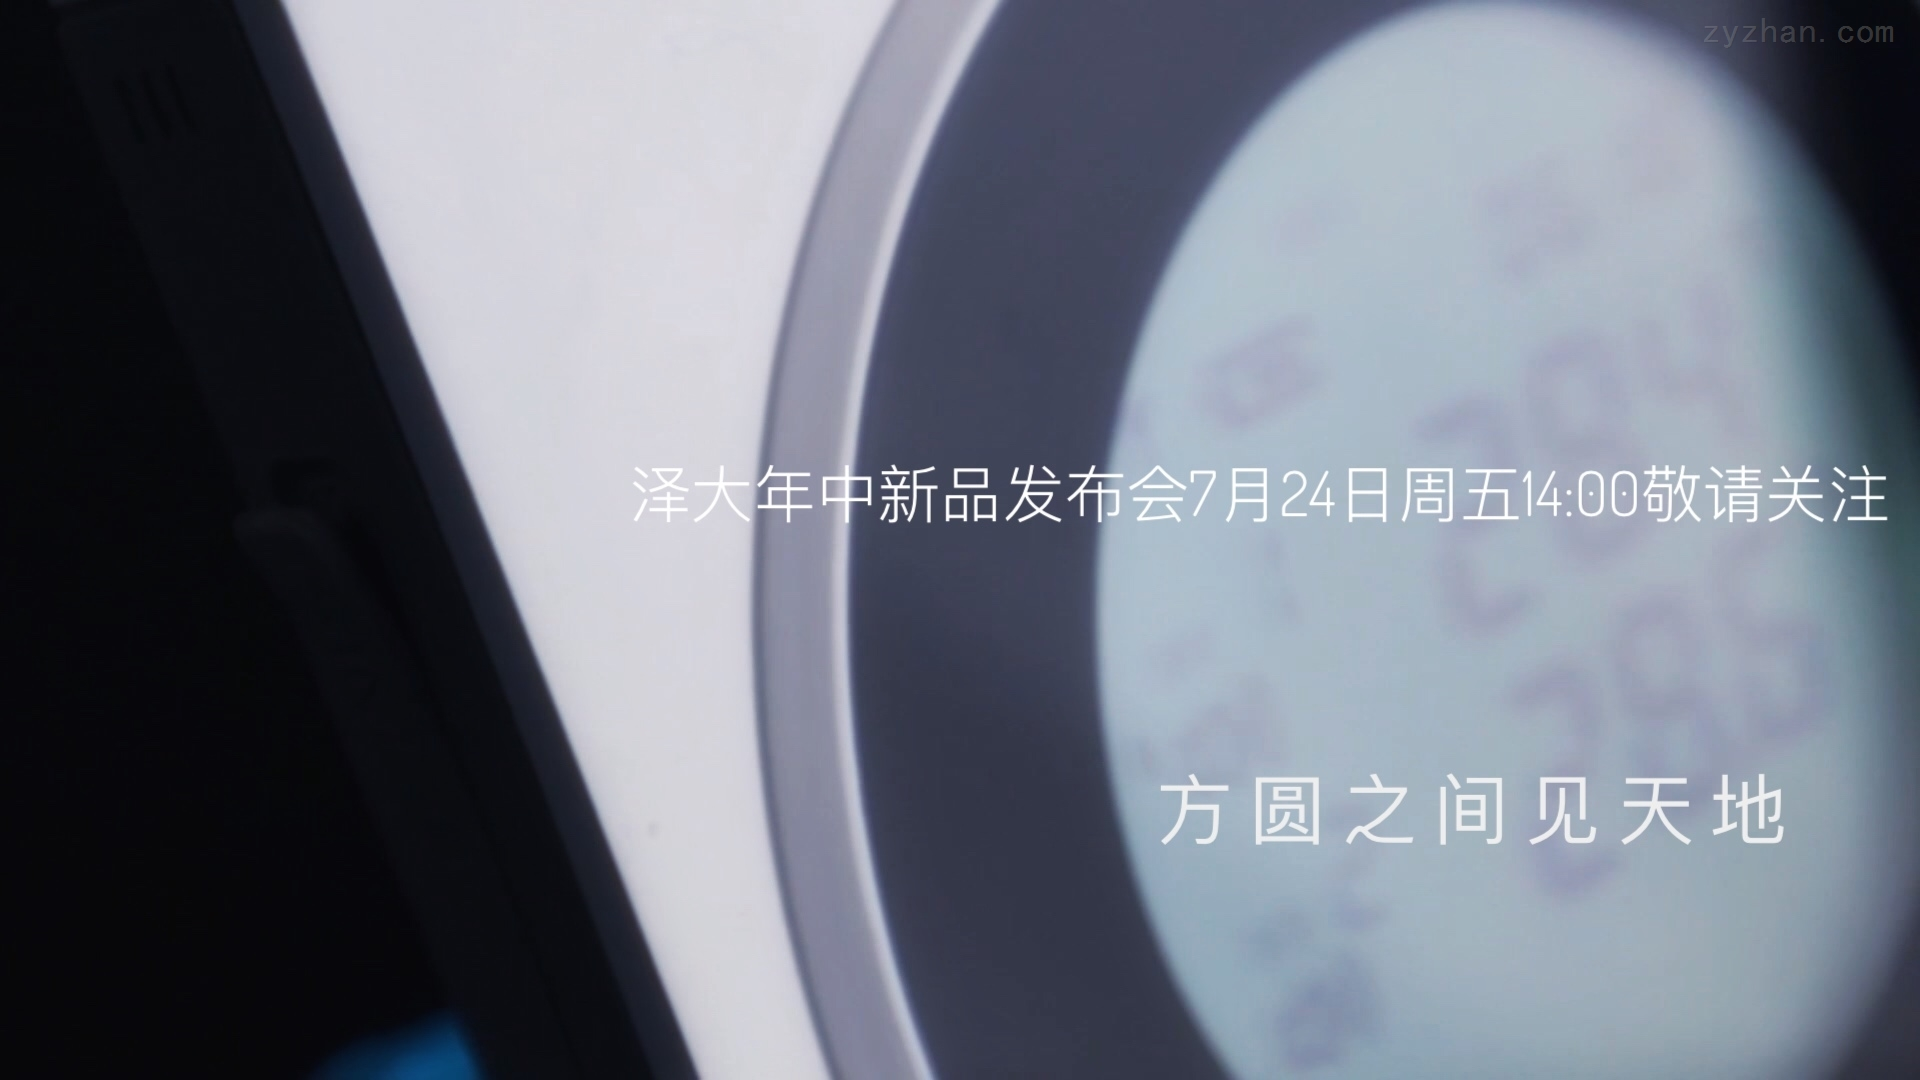 泽大仪器2020年中xin品发bu会